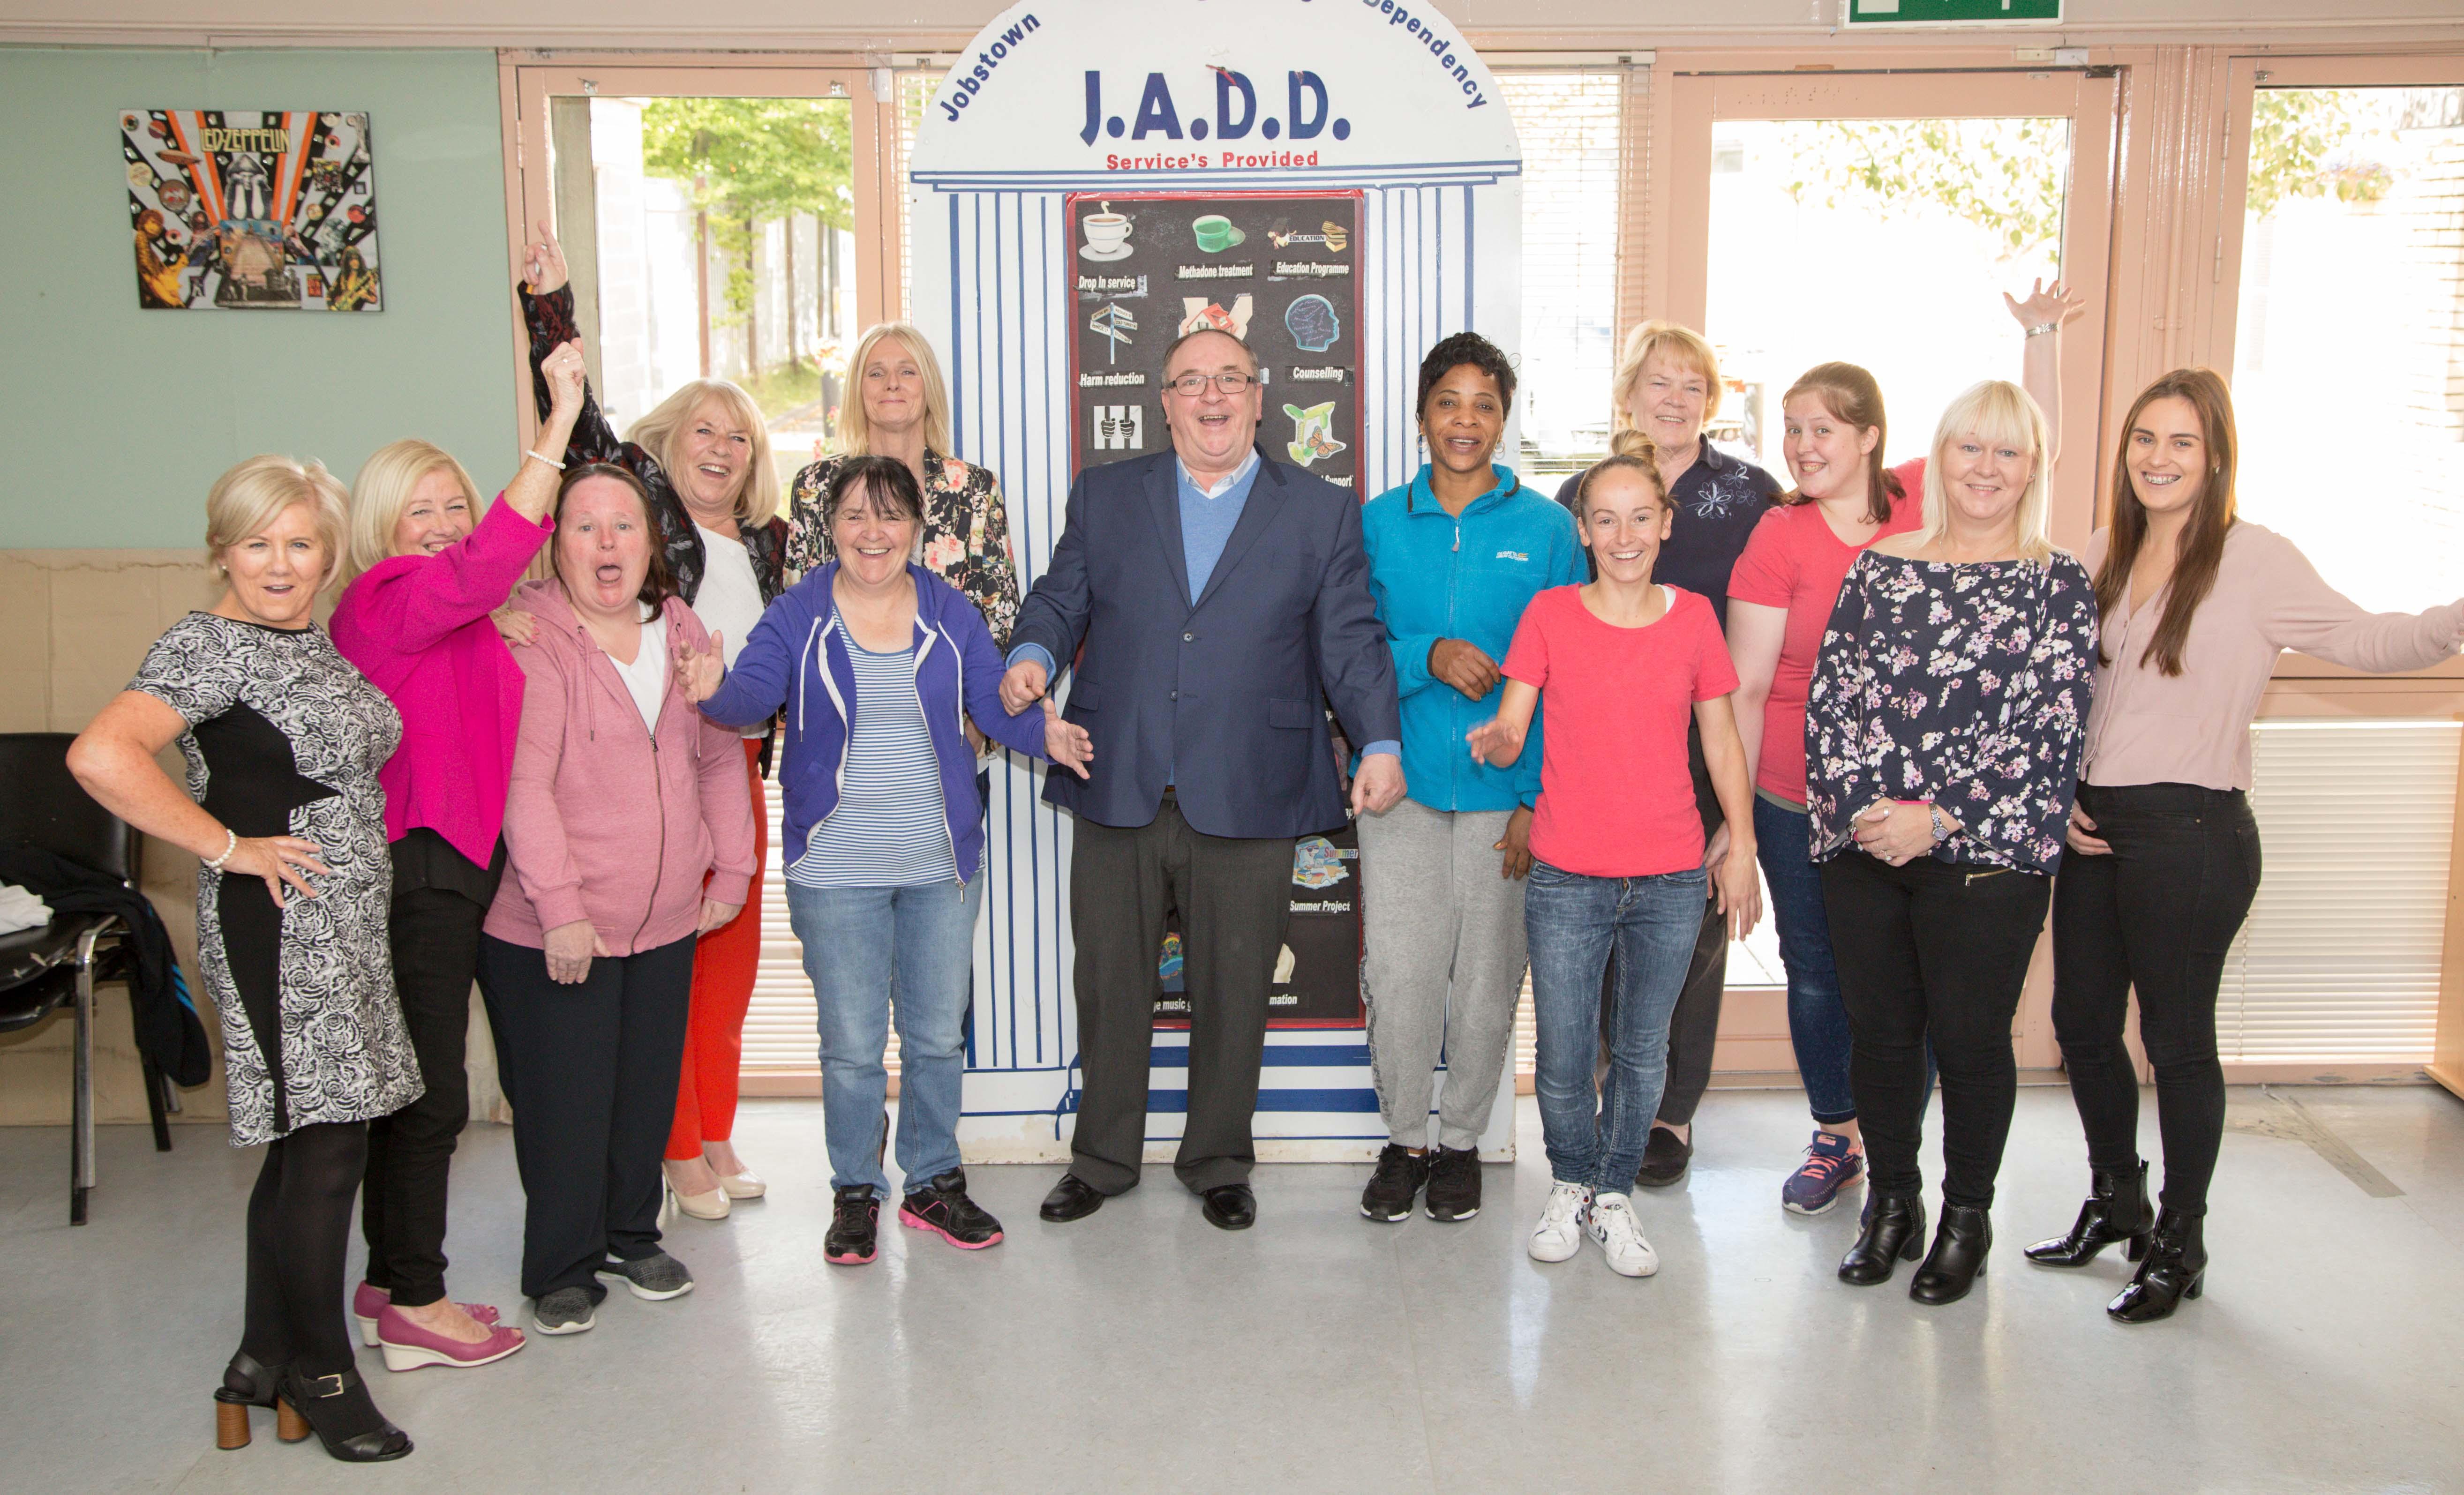 Jadd Team